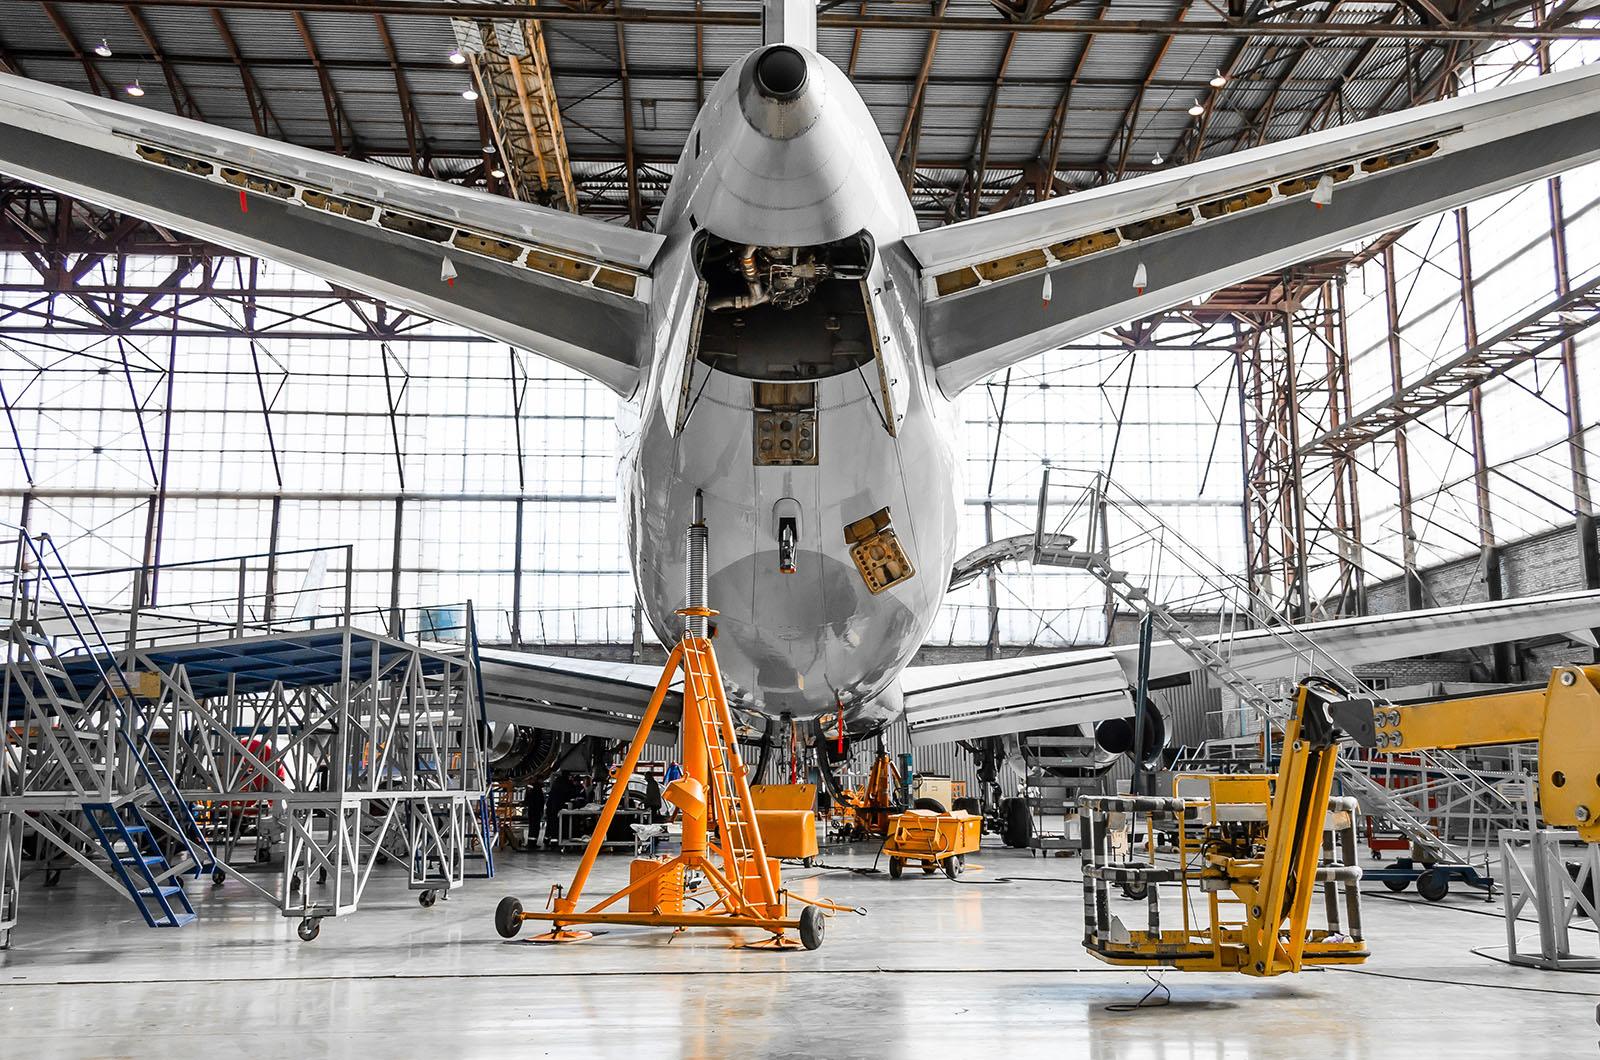 Flugzeug wird in einem Hangar gewartet Ansicht von hinten mit Kran